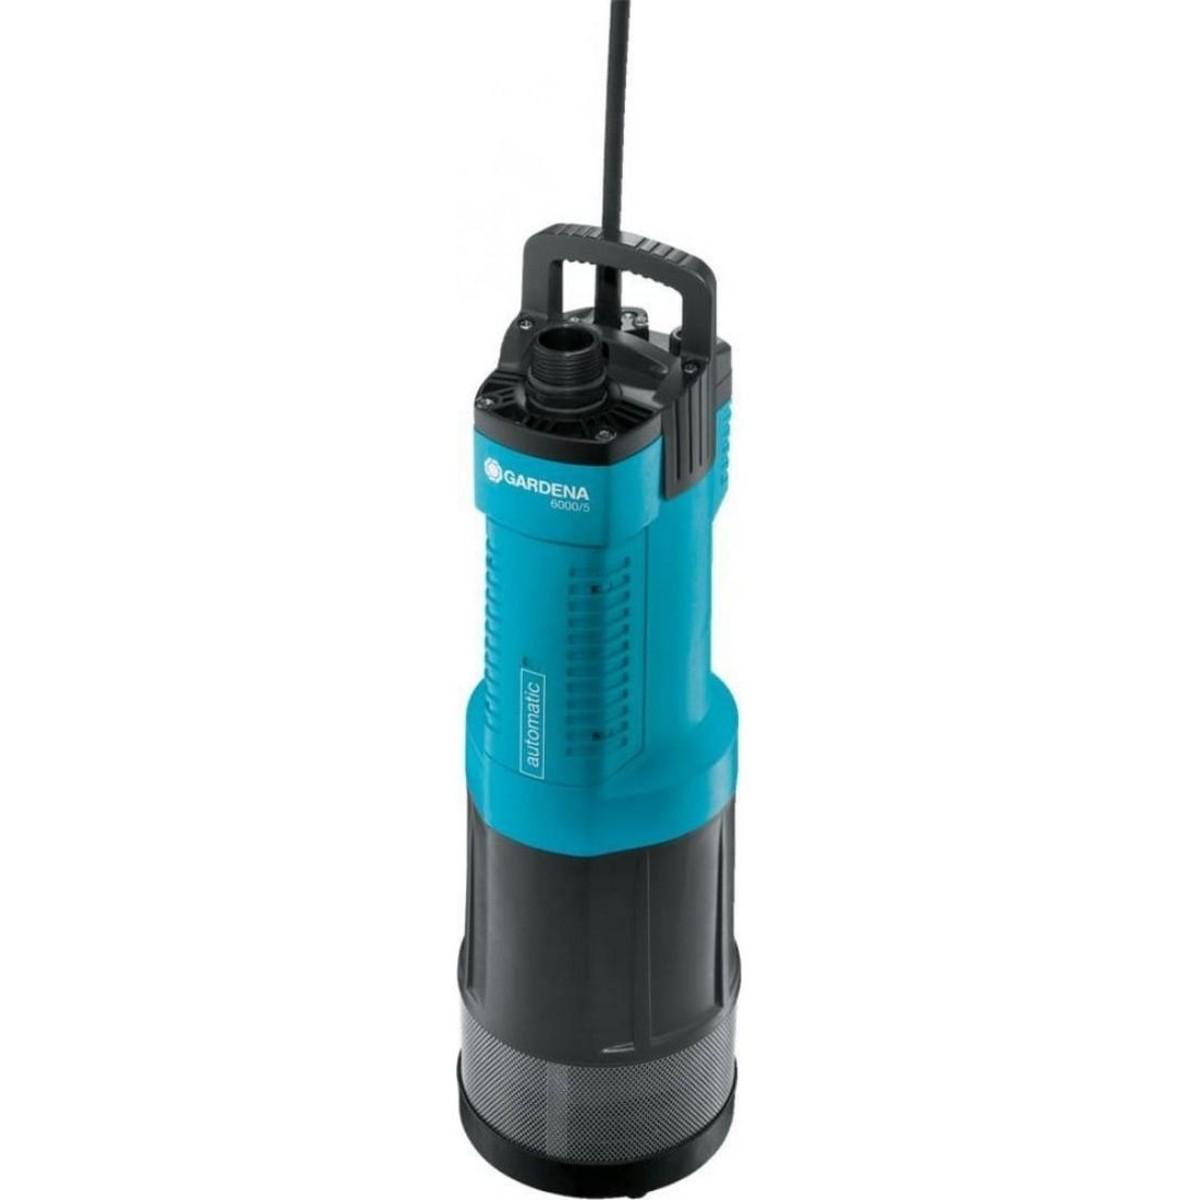 Погружной насос Gardena 6000/5 Comfort автоматический 01476-20.000.00